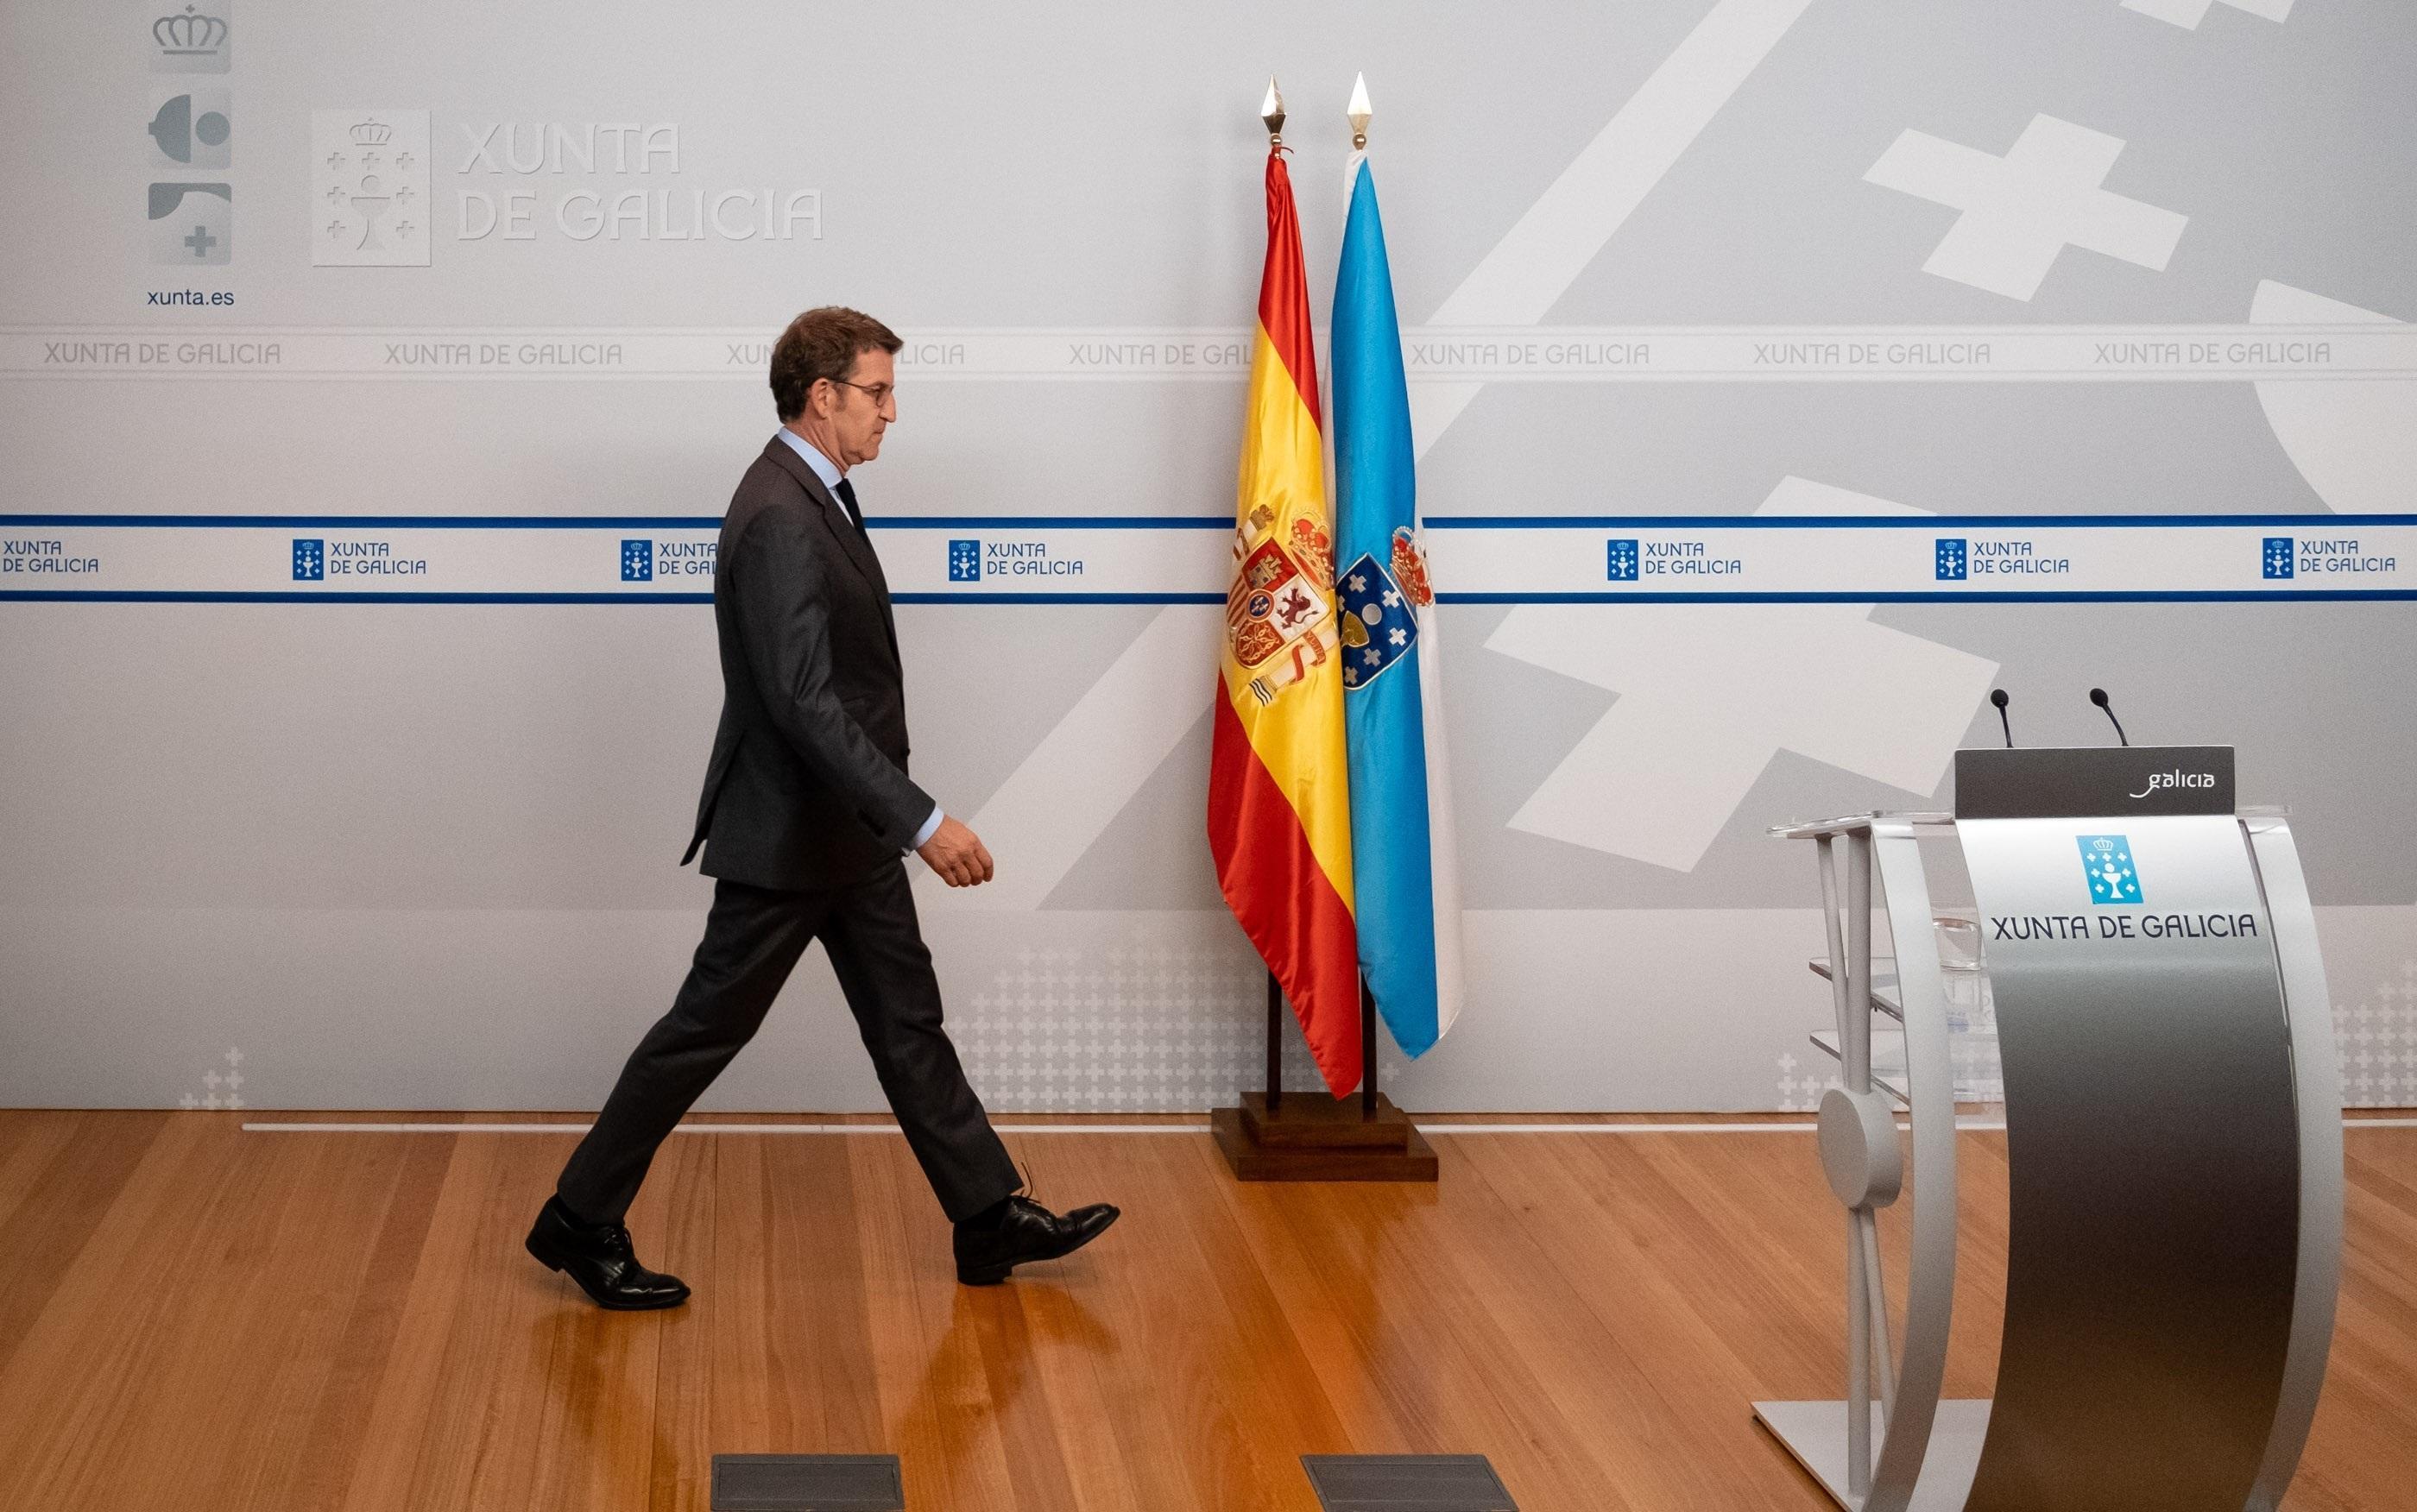 El PP gallego evita apoyar la Ley de Interrupción Voluntaria del Embarazo